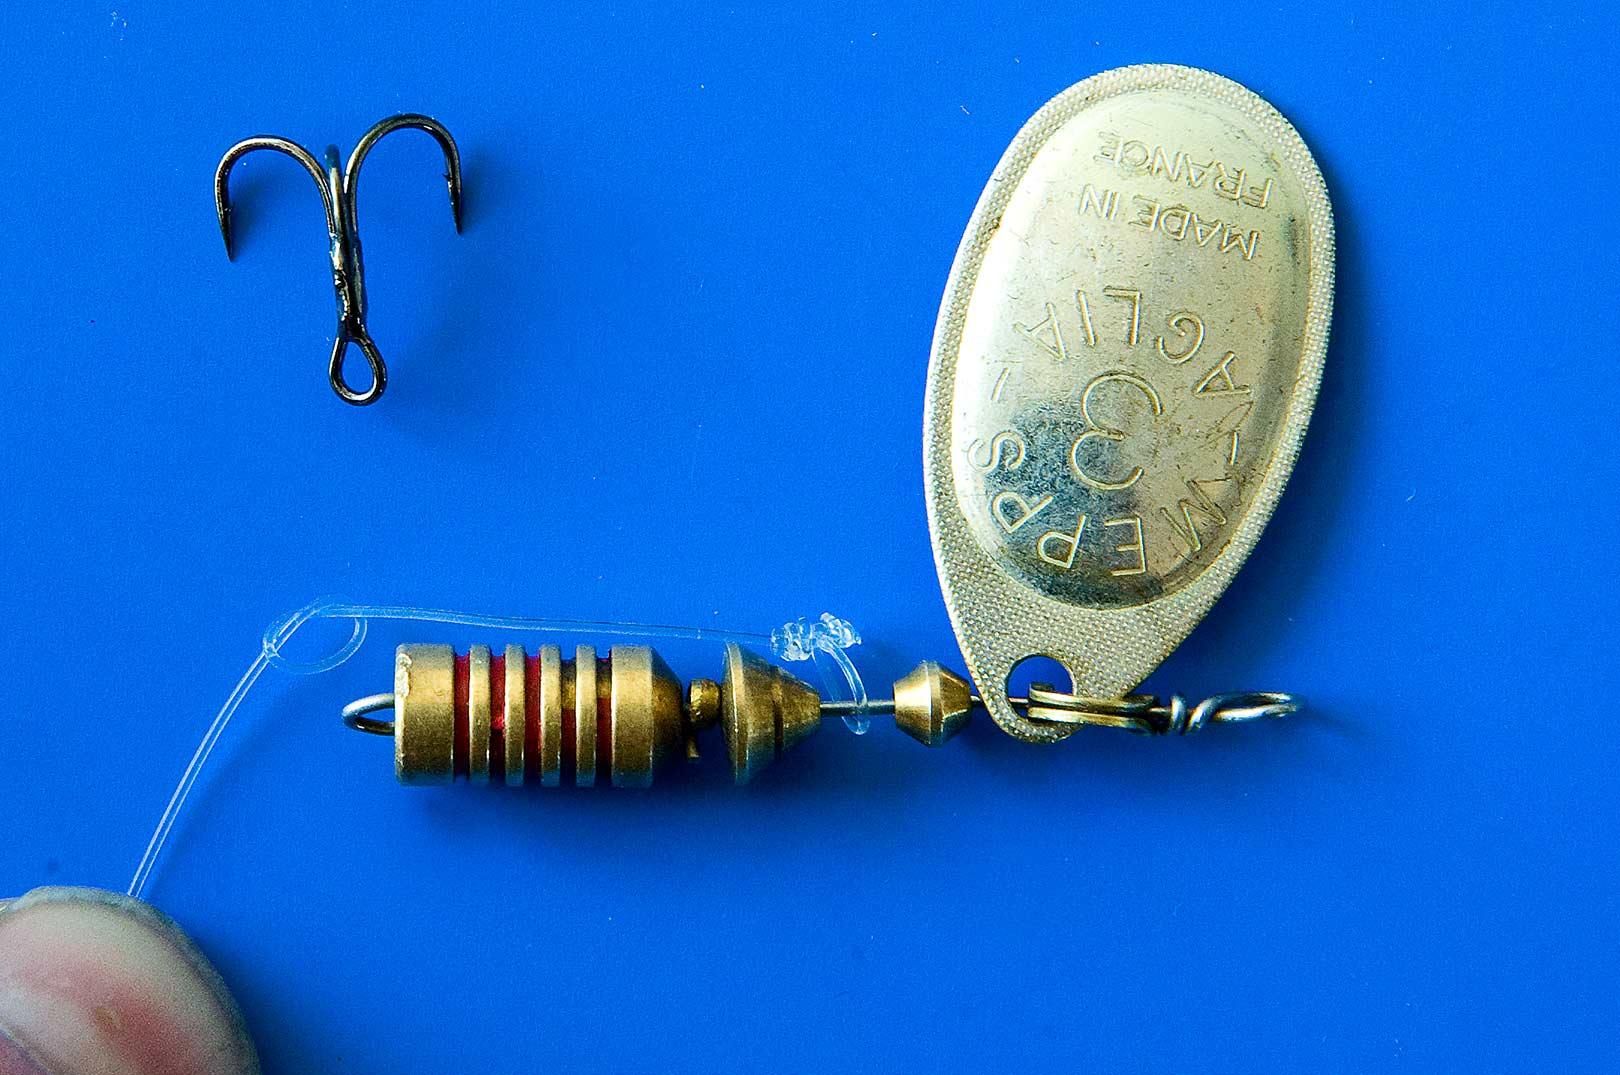 5: Stram ophængerløkken til og bind starten på en rapalaknude ca 0,5-1 cm bag spinnerkroppen.